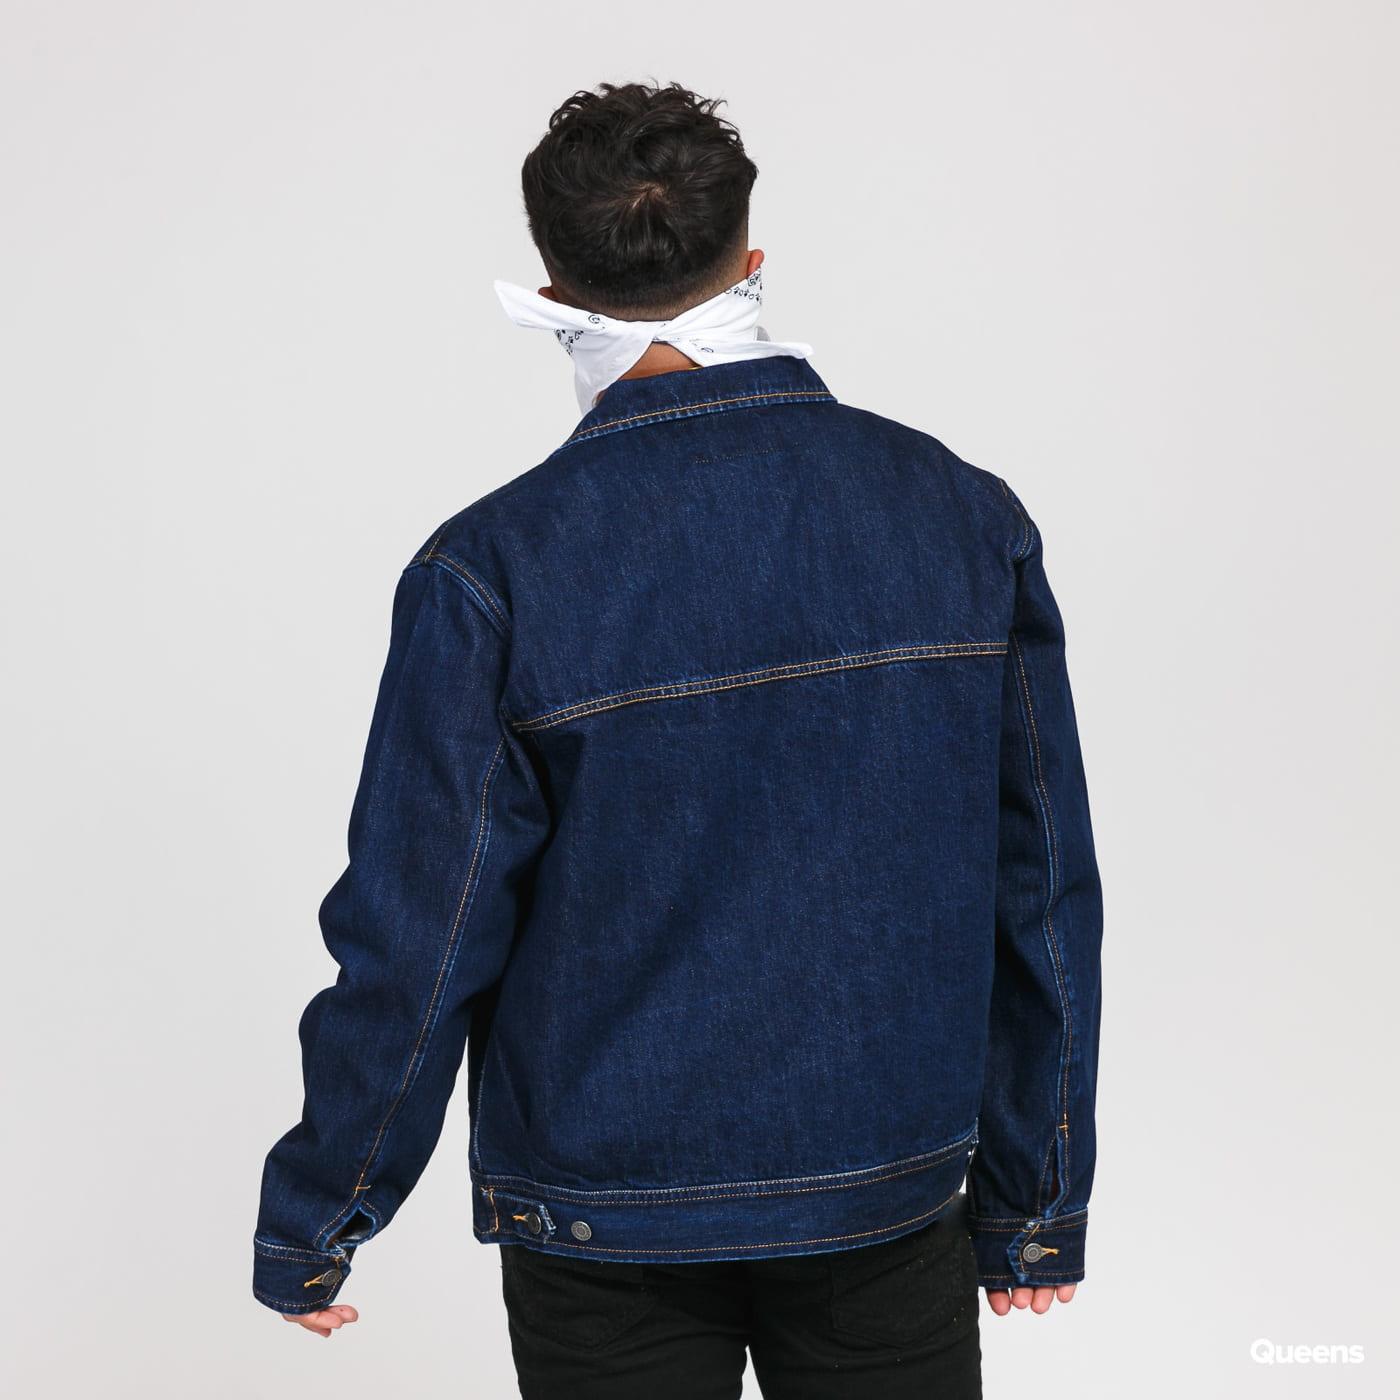 Stüssy Denim Ranch Jacket indigo